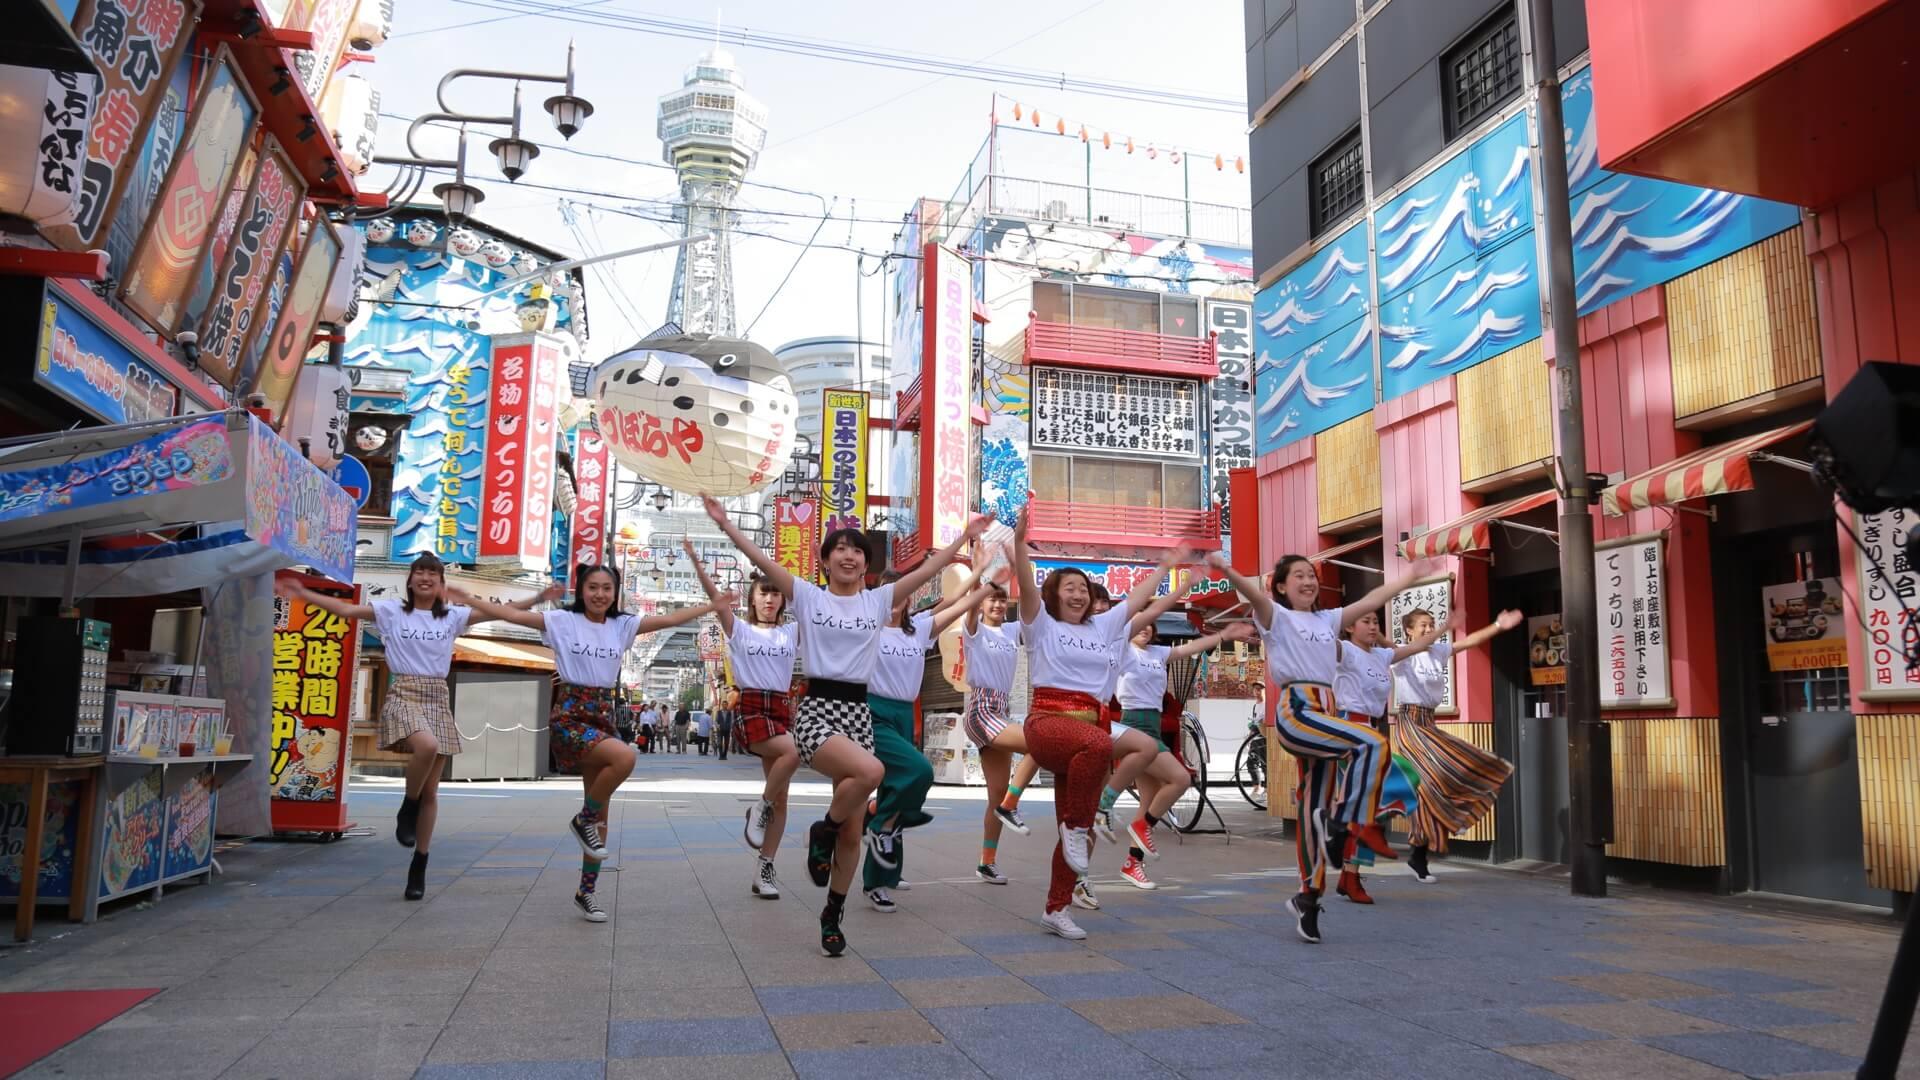 2025年、万博を大阪で!6800万回再生を超えるバブリーダンスを作成したアカネキカクが「万博ダンス」動画をリリース